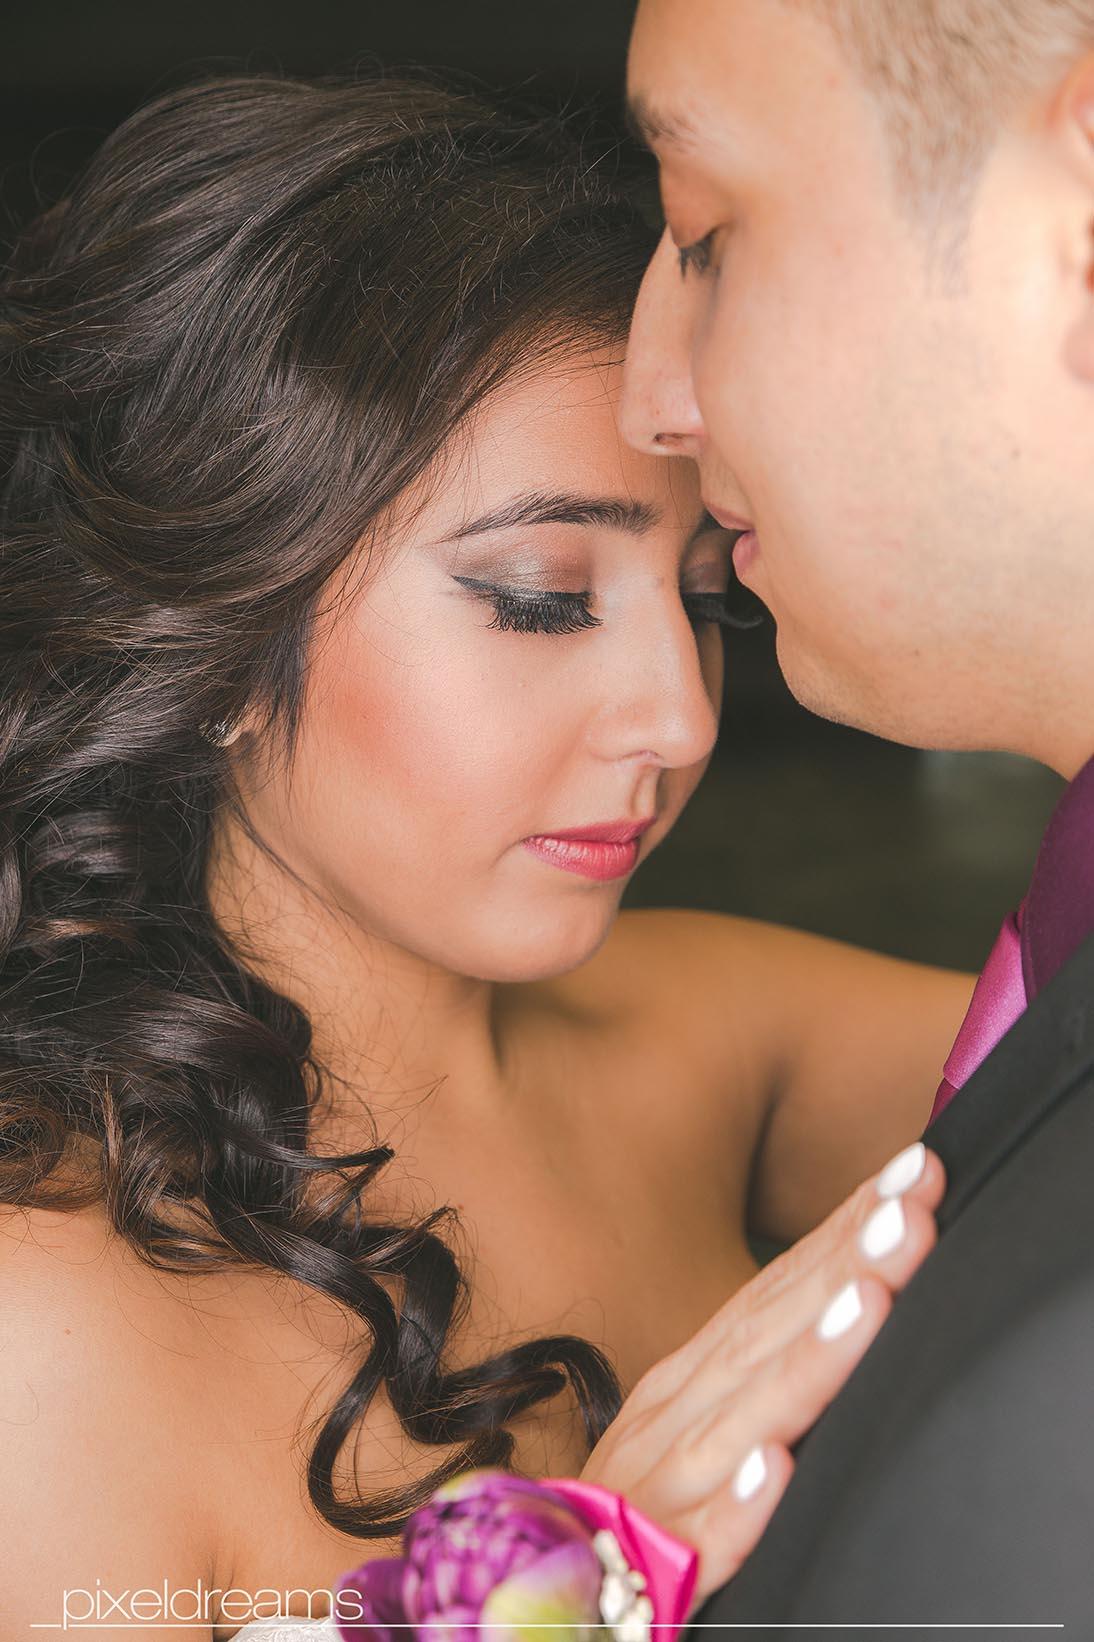 eine romantische pose mit dem Brautpaar - Hochzeitsfotos wurden durch pixeldreams im historischen Rathaus gemacht